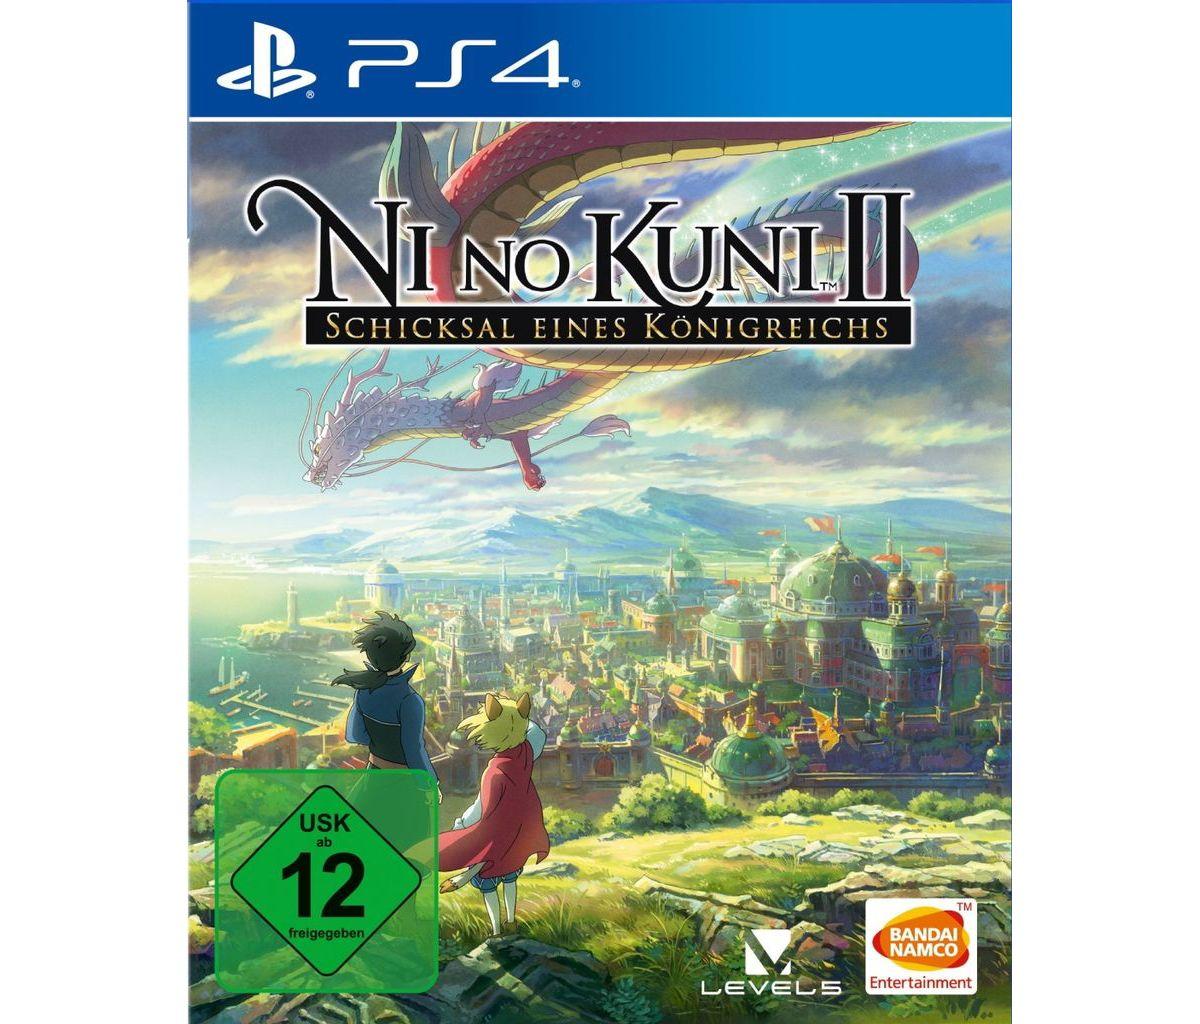 Bandai Playstation 4 - Spiel »Ni No Kuni 2: Sch...